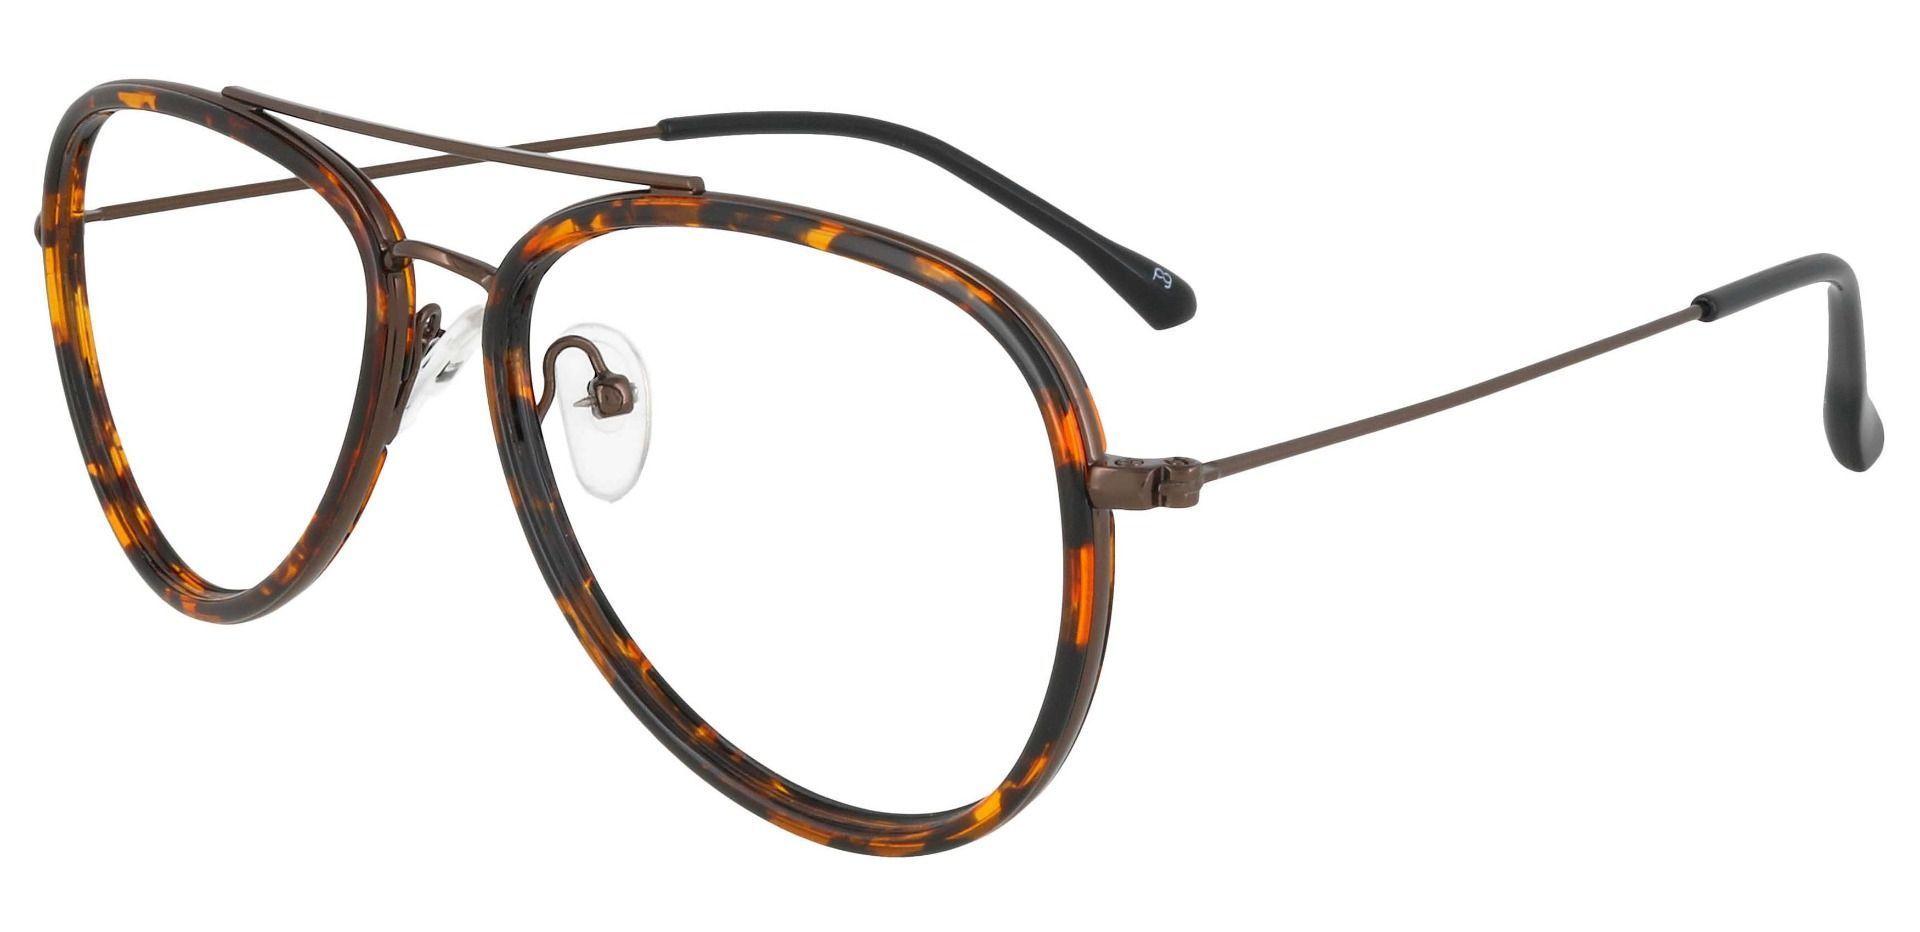 The King Aviator Single Vision Glasses - Tortoise